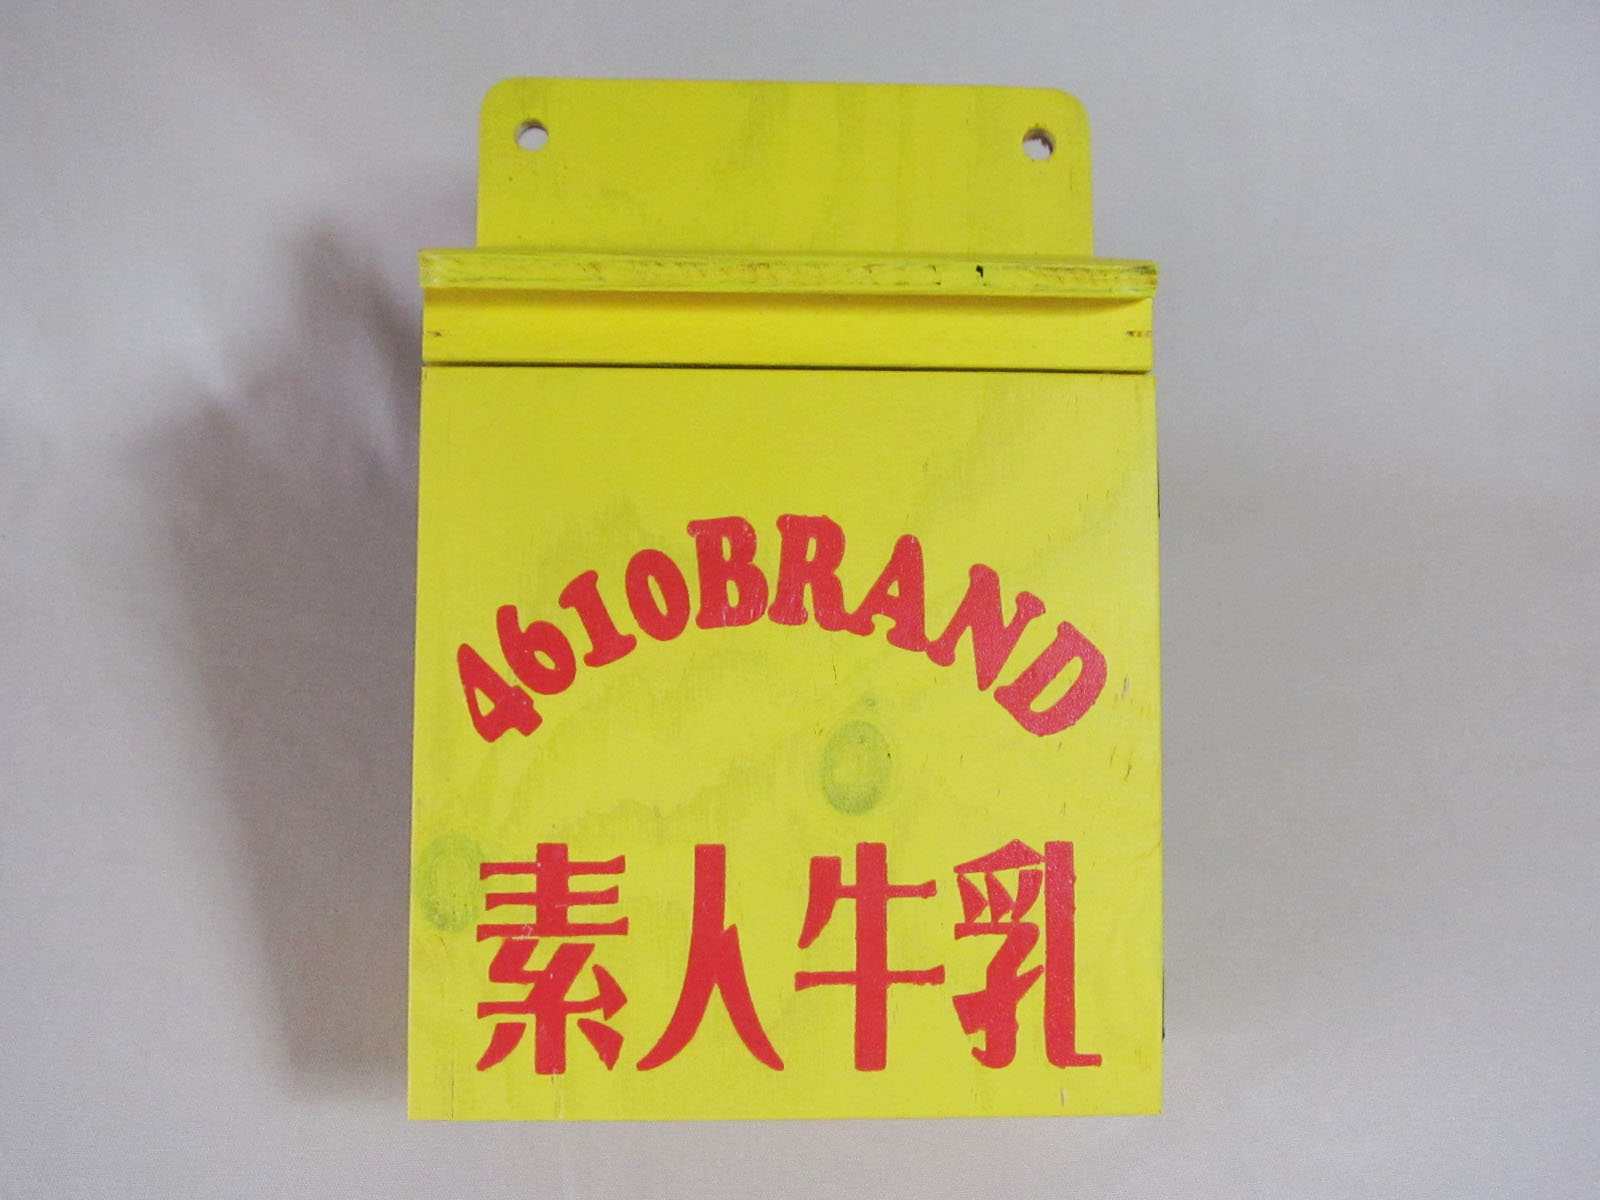 牛乳箱風キーボックス 4610BRAND 素人牛乳